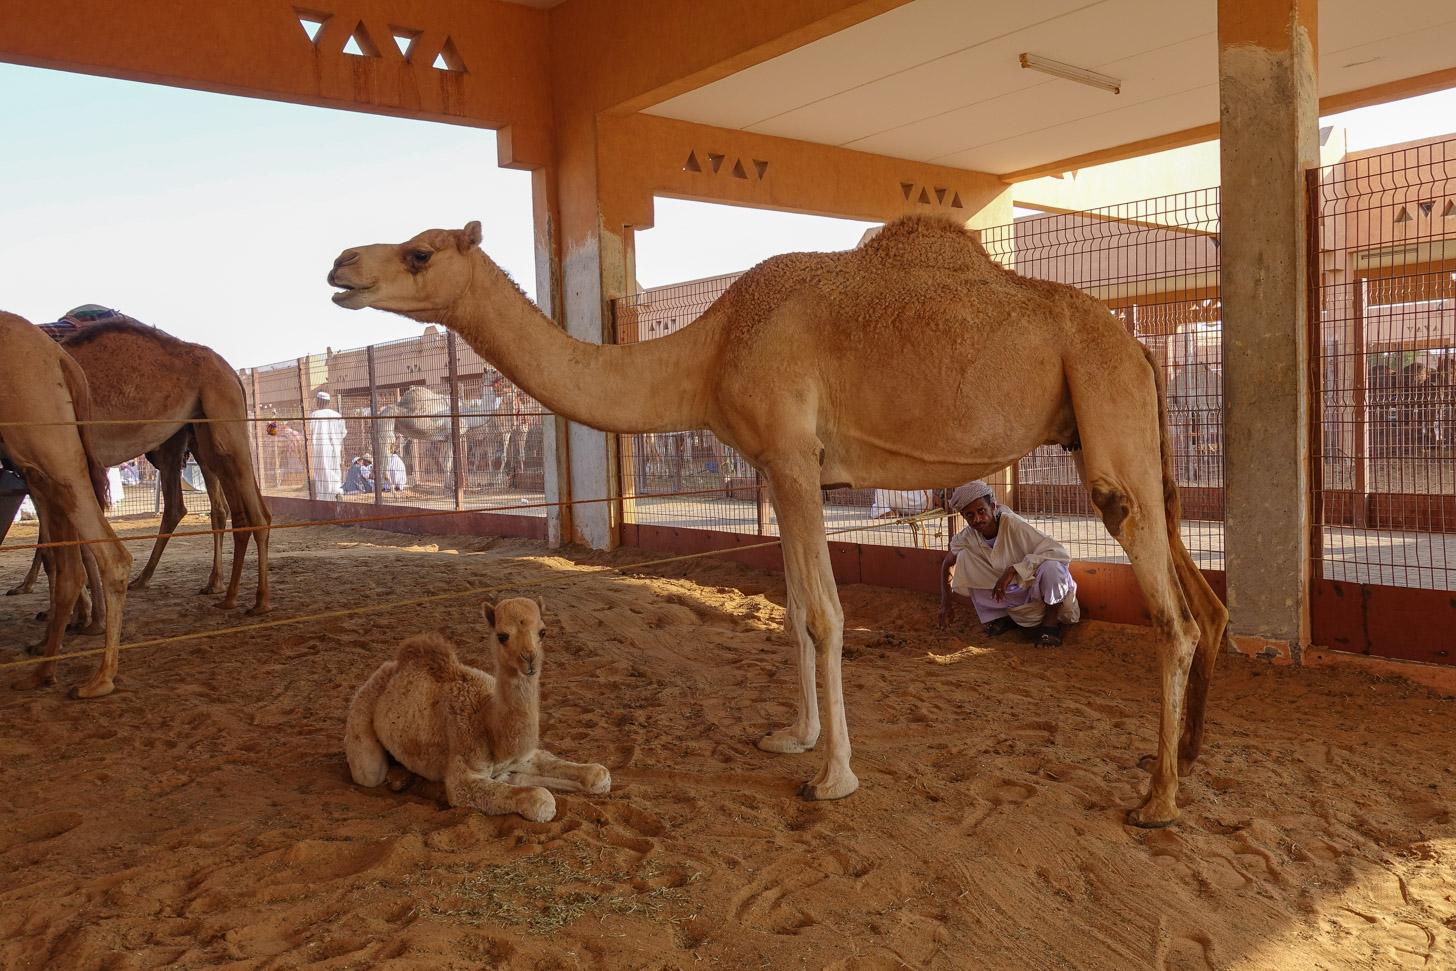 Kamelenmarkt